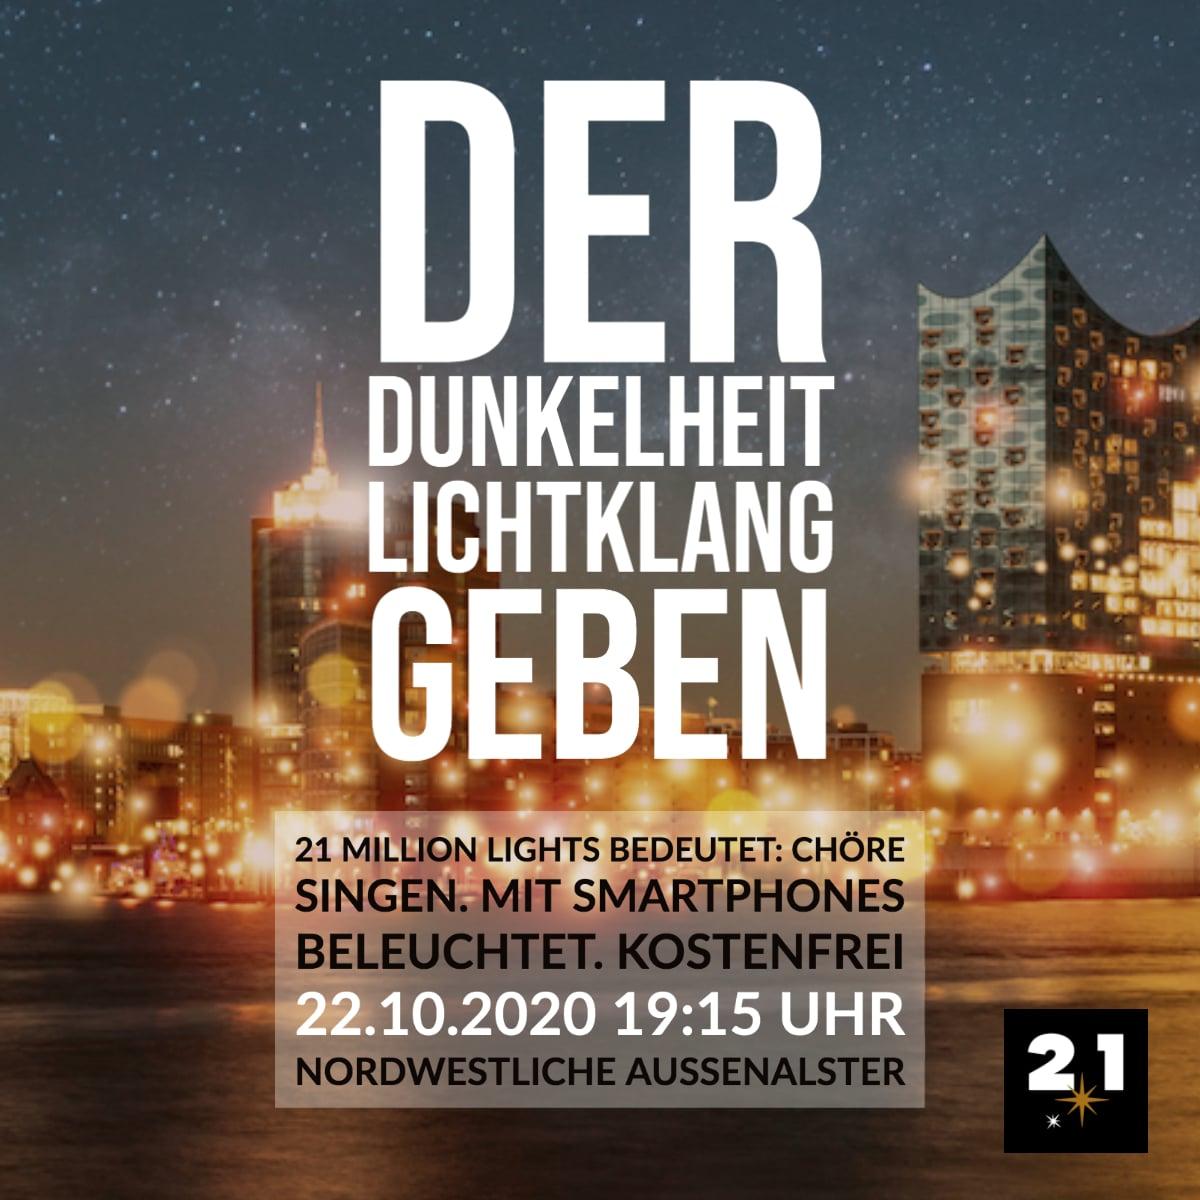 21 Million Lights-Licht-Klang-Hamburg-Hafen-Nacht